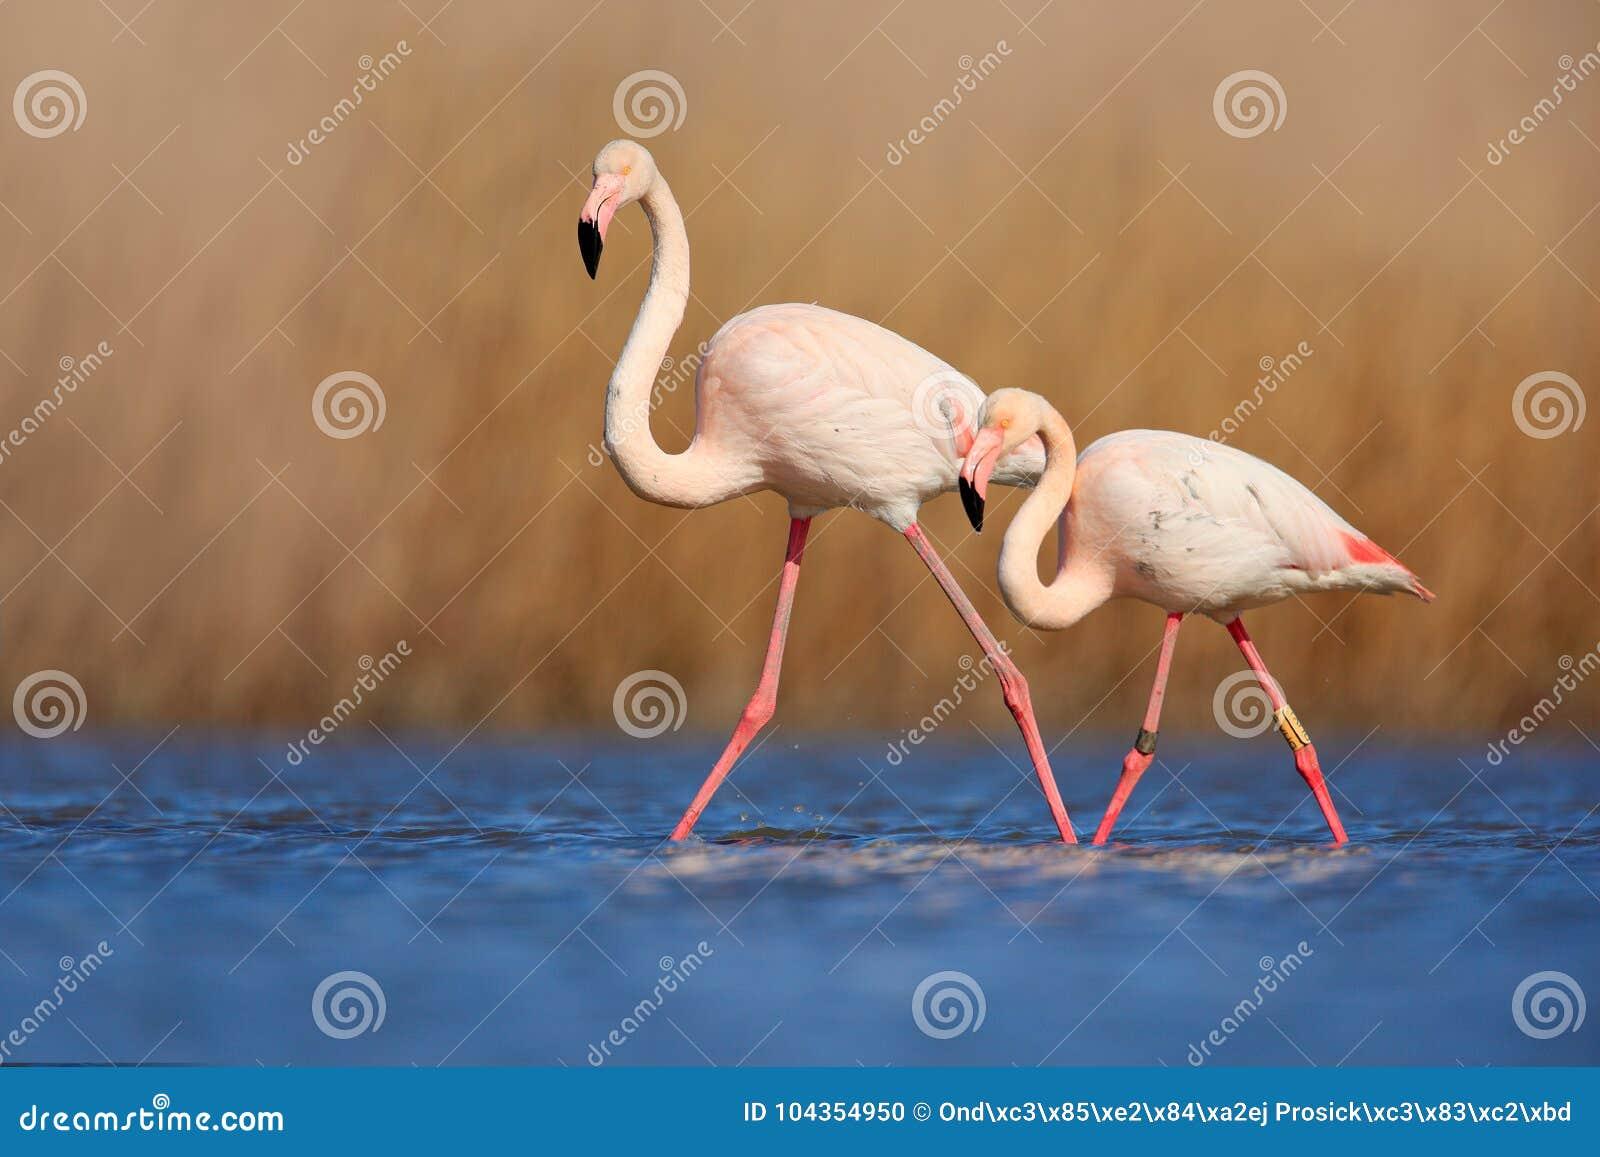 Ζευγάρι των φλαμίγκο Αγάπη πουλιών στο μπλε νερό Ζώο δύο, που περπατά στη λίμνη Ρόδινο μεγάλο μεγαλύτερο φλαμίγκο πουλιών, Phoeni